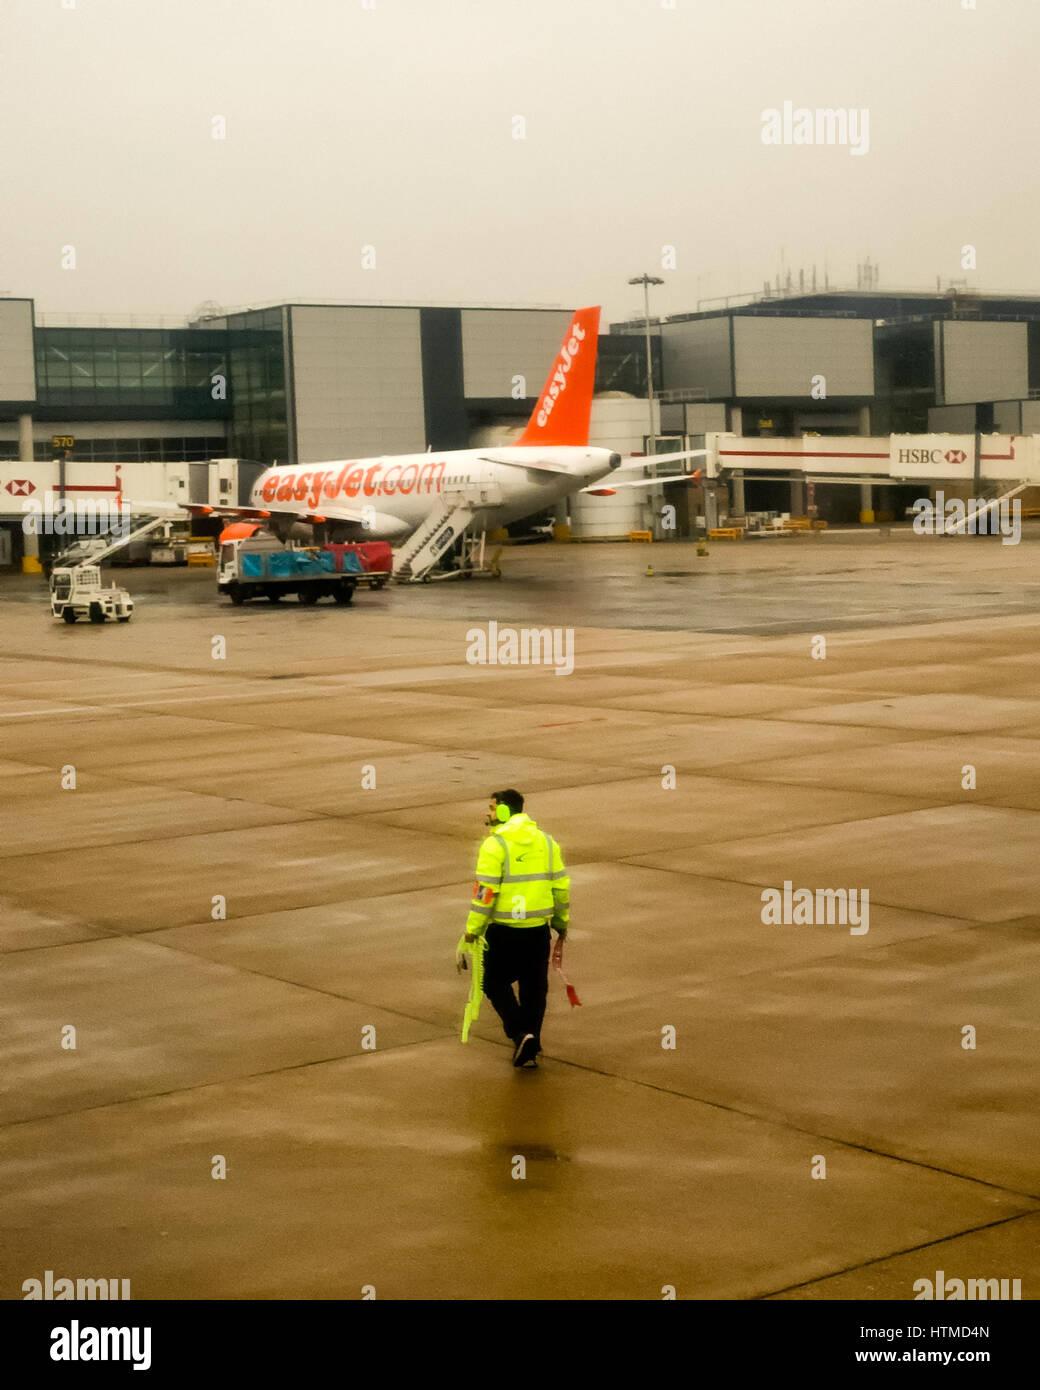 Londra Gatwick. England Regno Unito. EasyJet piani su London Gatwick airport pista preparando per il decollo. Membro Immagini Stock